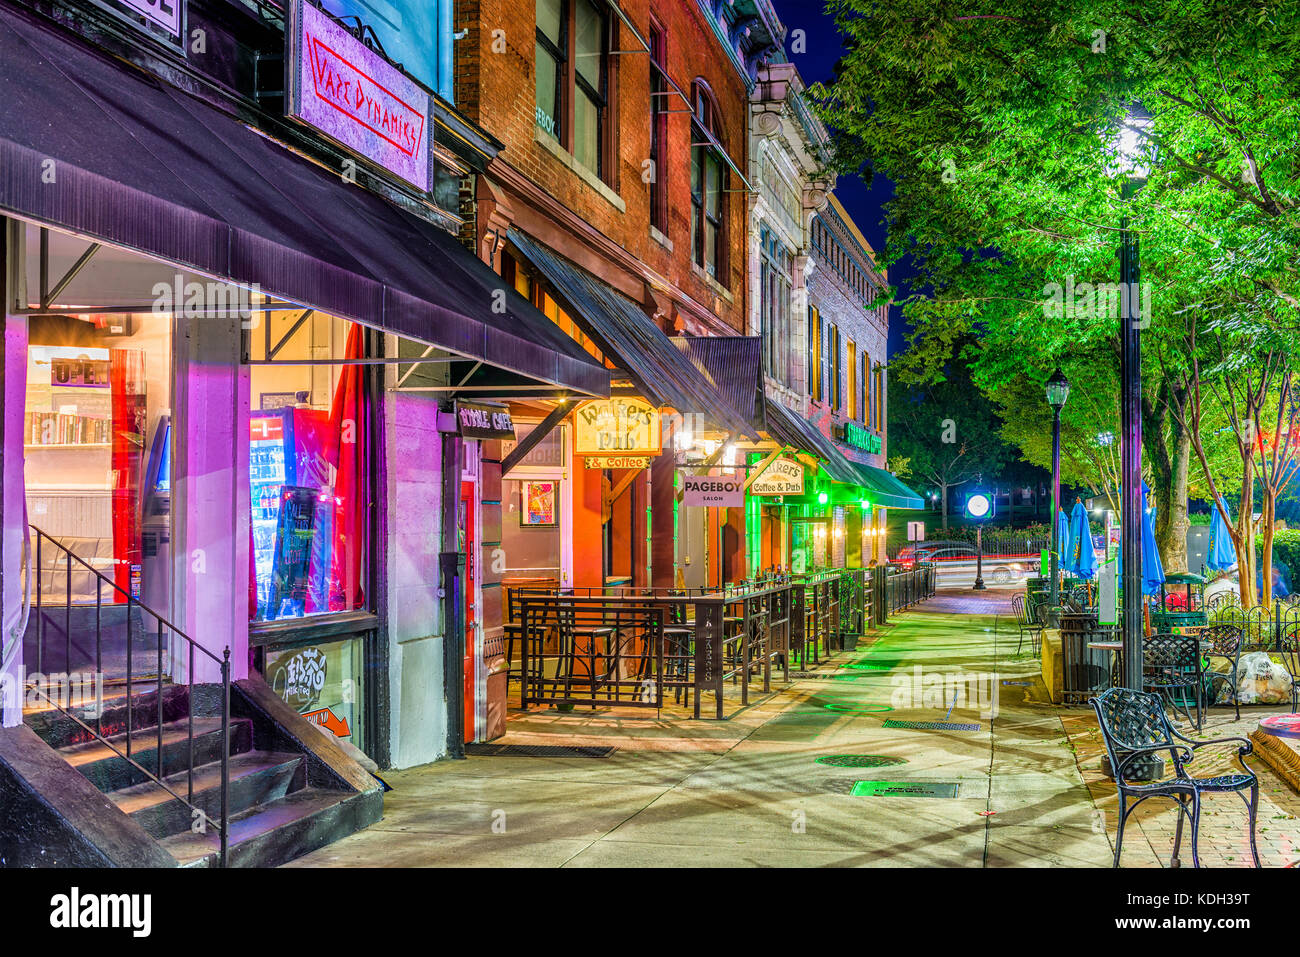 Athens, Georgia - 13. August 2017: Läden und Bars entlang College Avenue in der Innenstadt von Athen bei Nacht. Stockbild